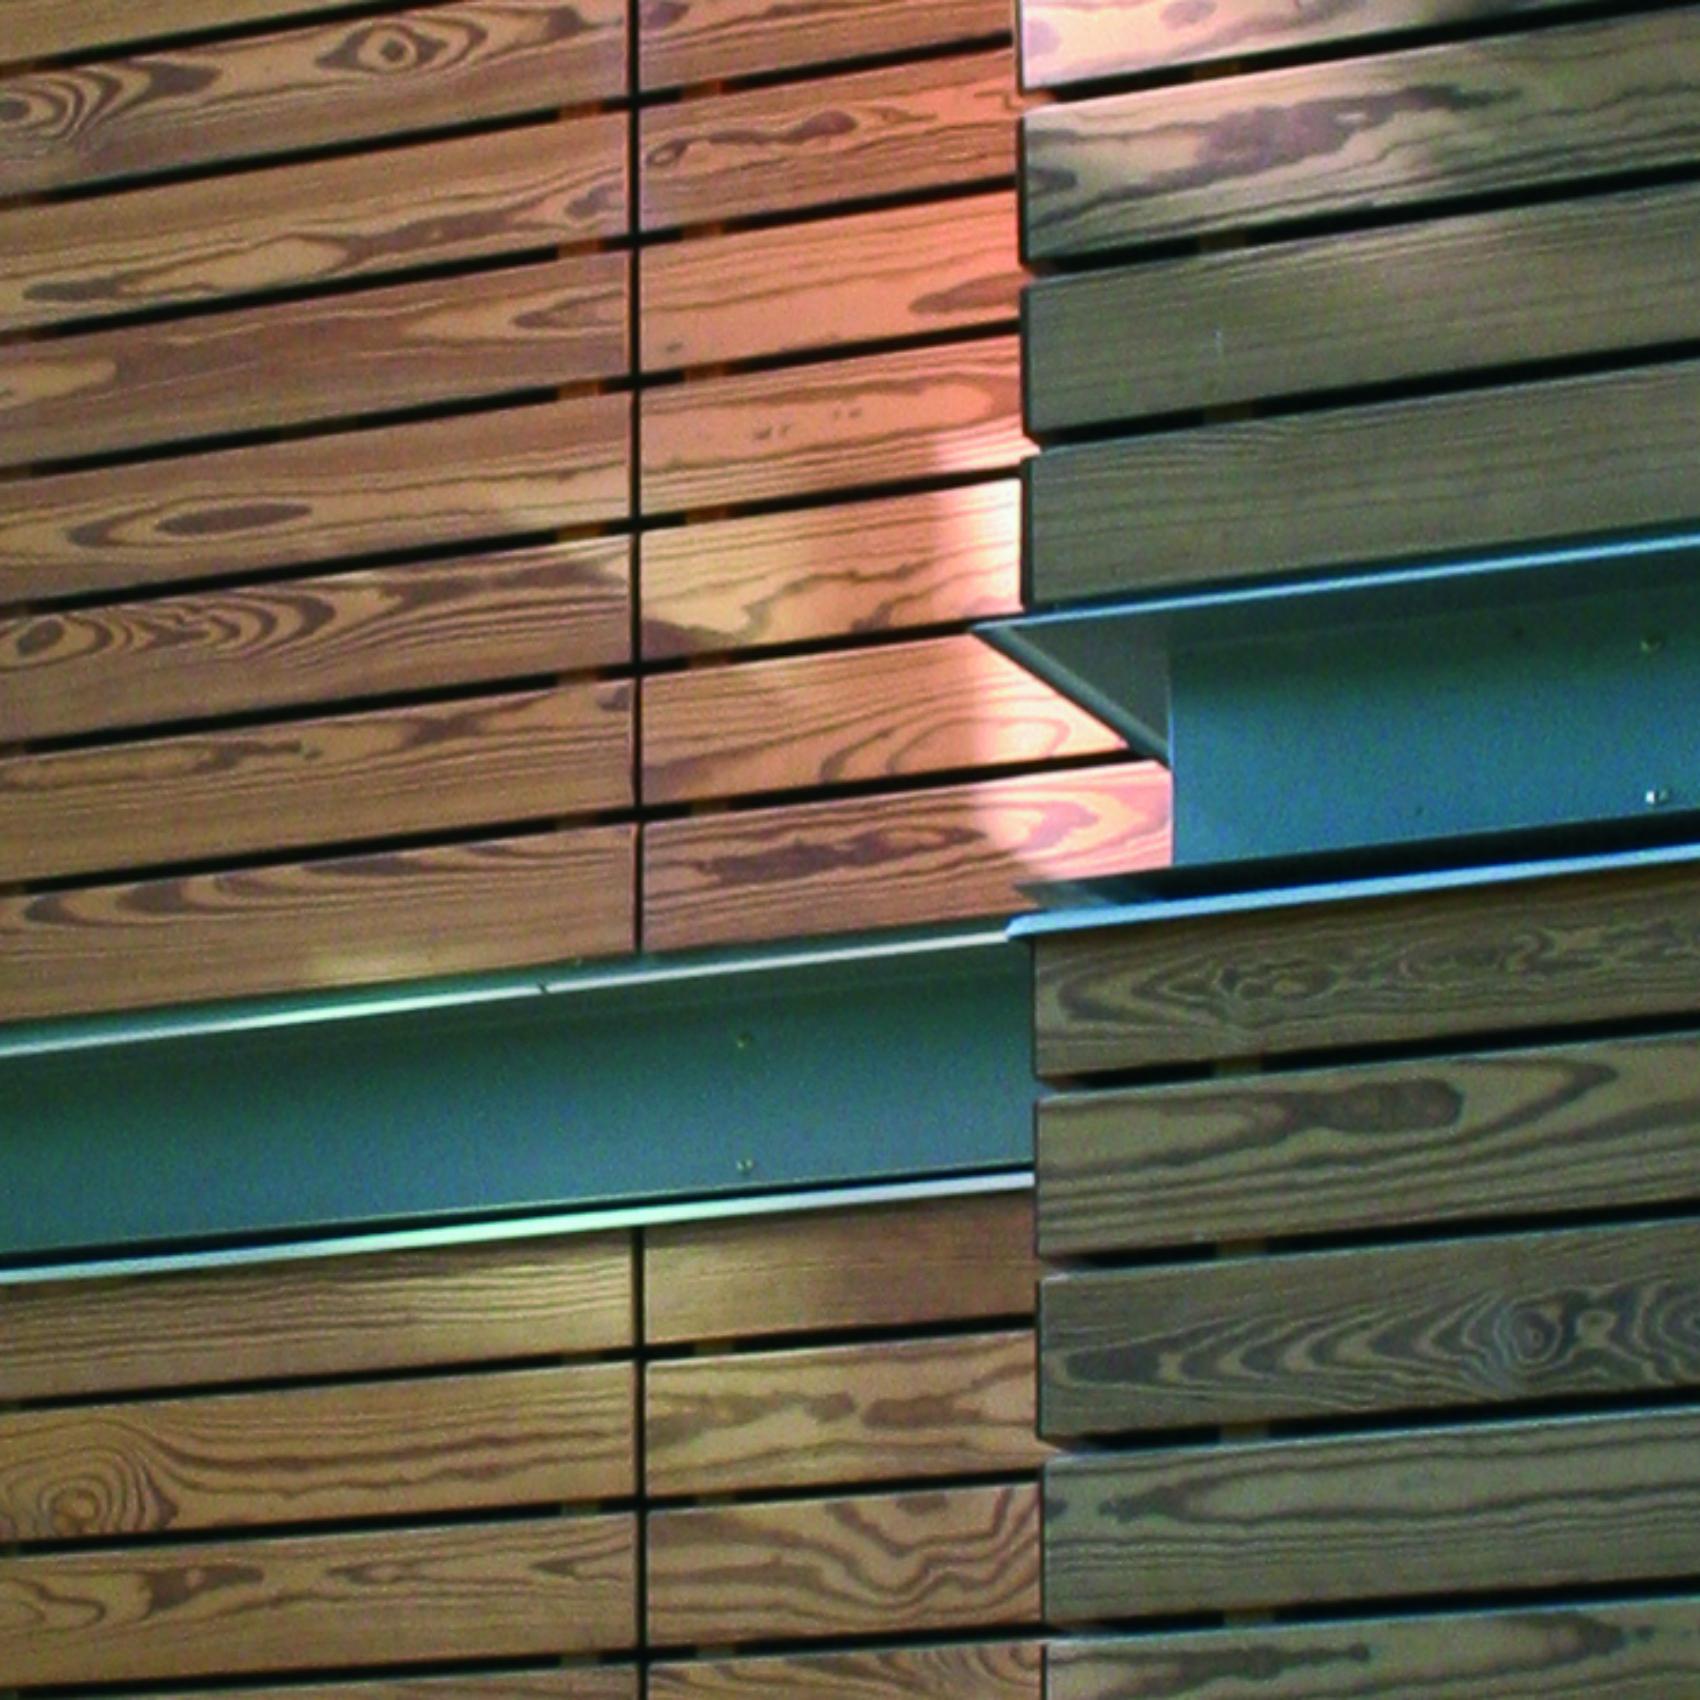 clear pine_bodrum 20x138mmC5 (2)v4.jpg